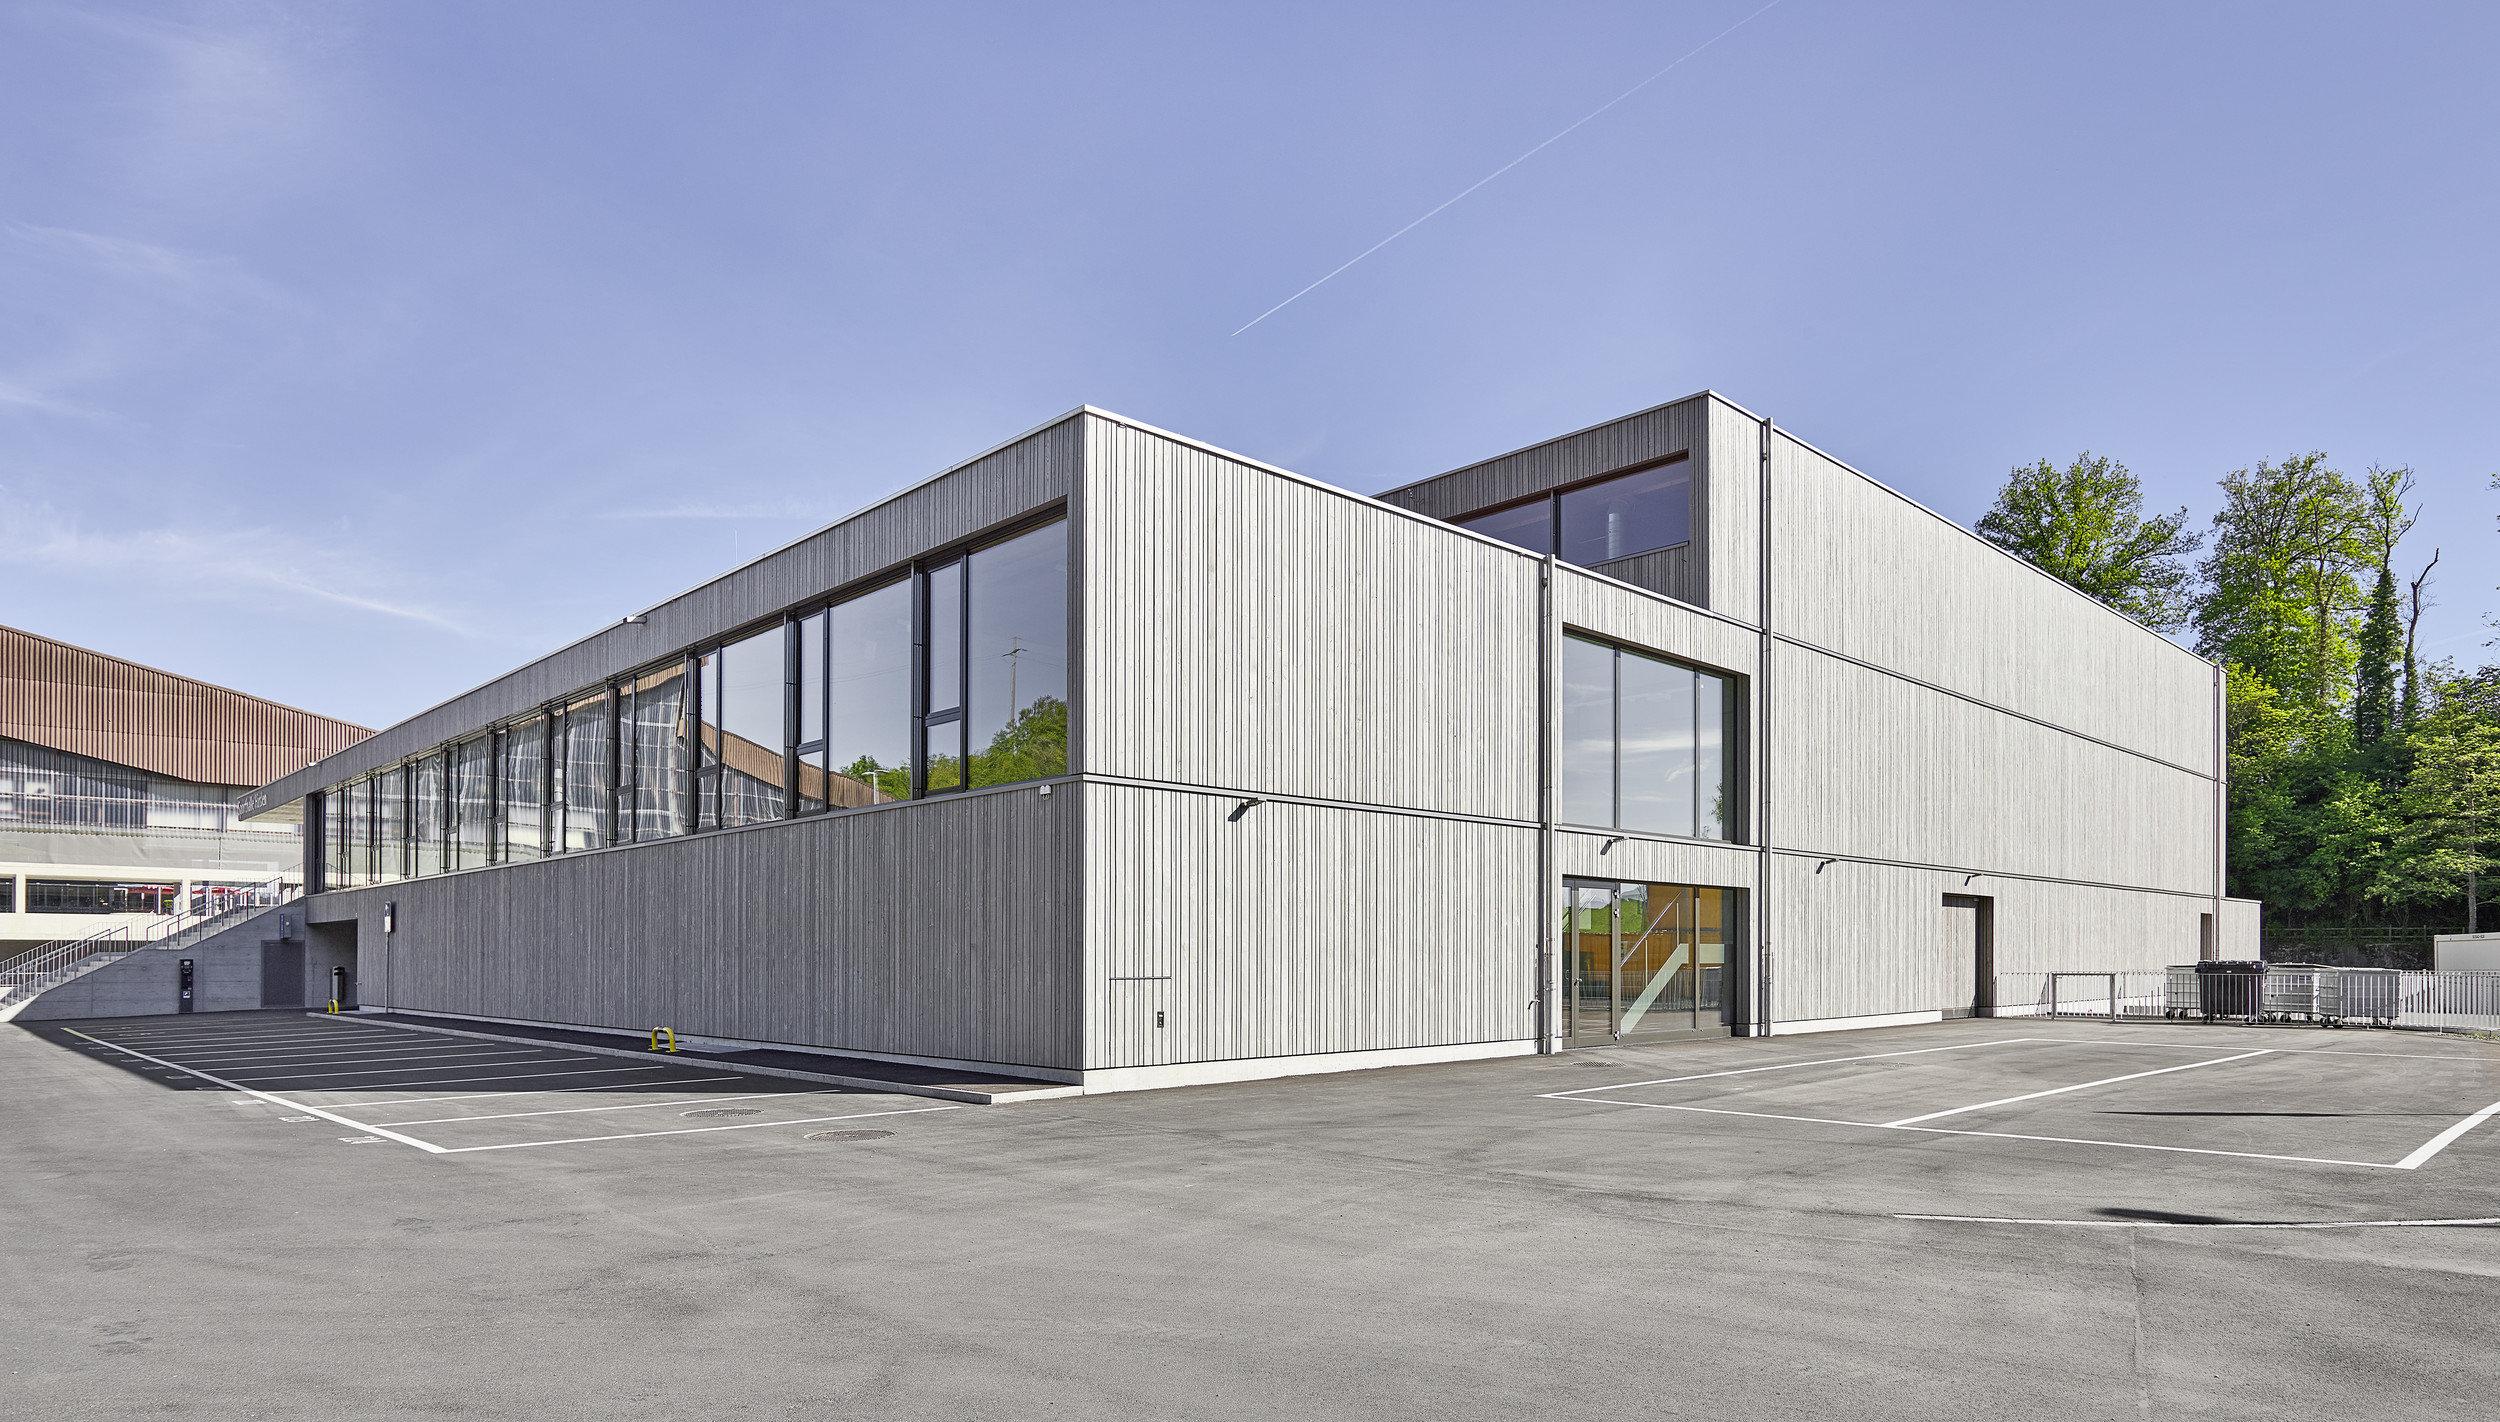 Gross-Sporthalle von aussen mit Fassade aus Fichtenholz allwettergrau